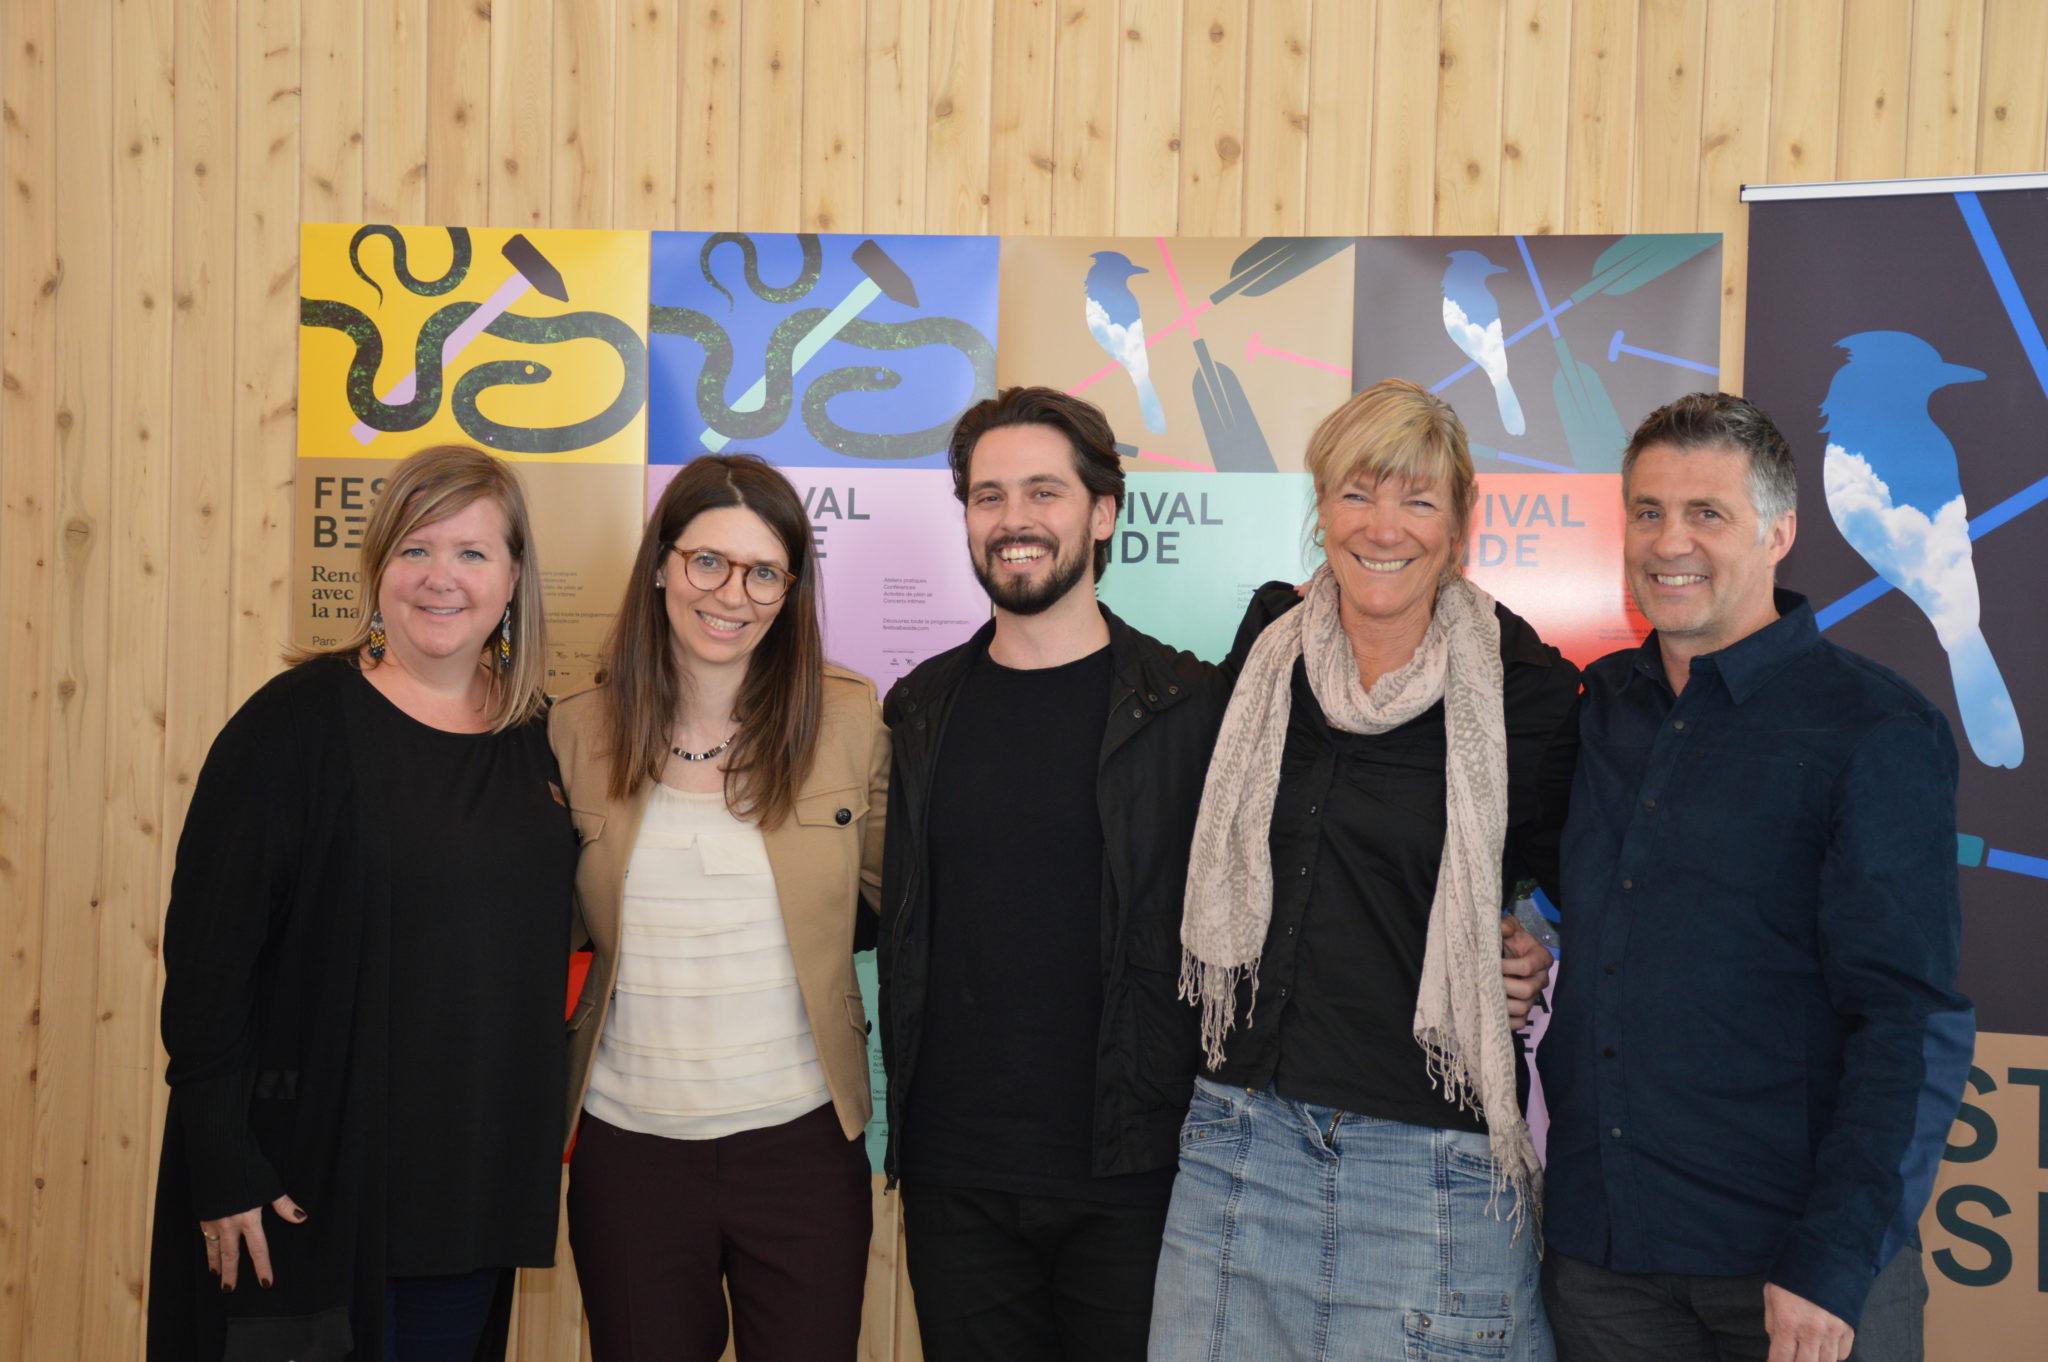 FESTIVAL BESIDE - Les leaders québécois de l'industrie du tourisme en nature créent un nouvel évènement